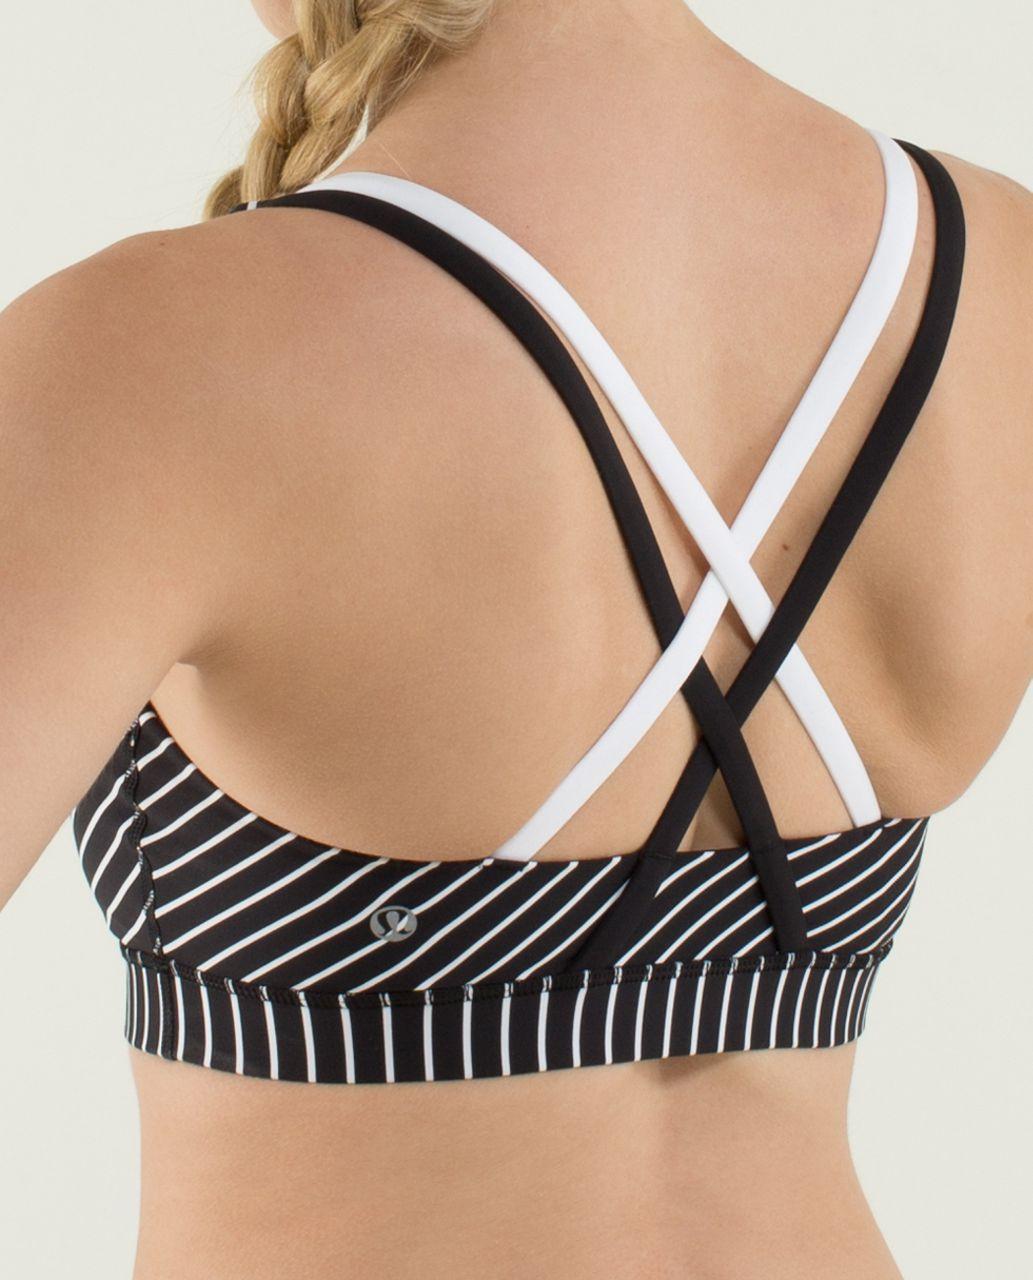 Lululemon Energy Bra - Parallel Stripe Black White / Black